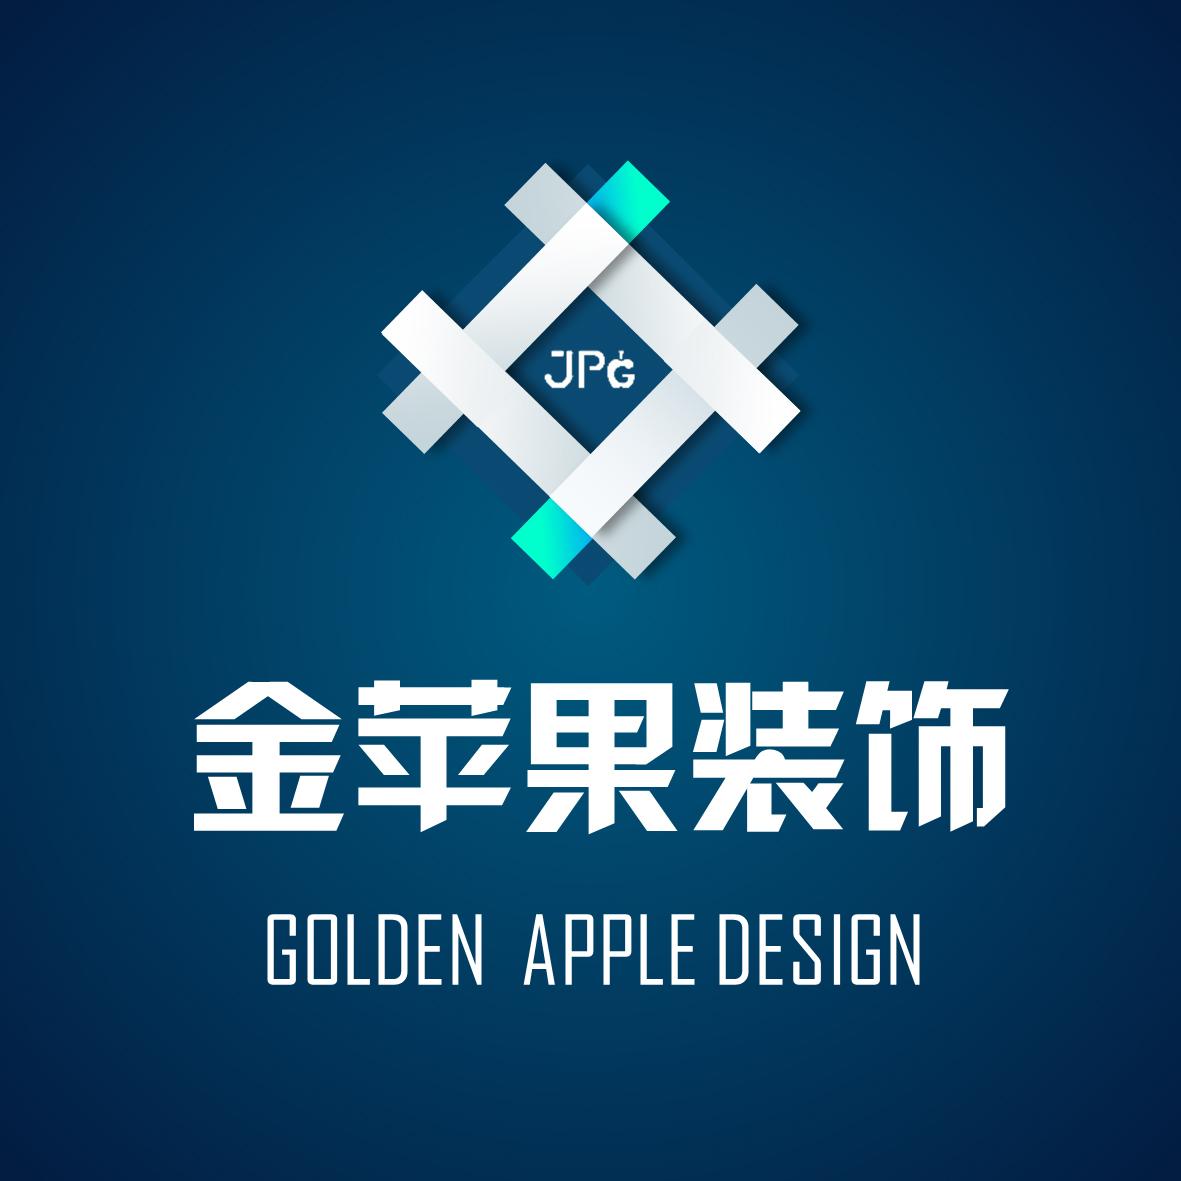 青岛金苹果装饰工程有限公司